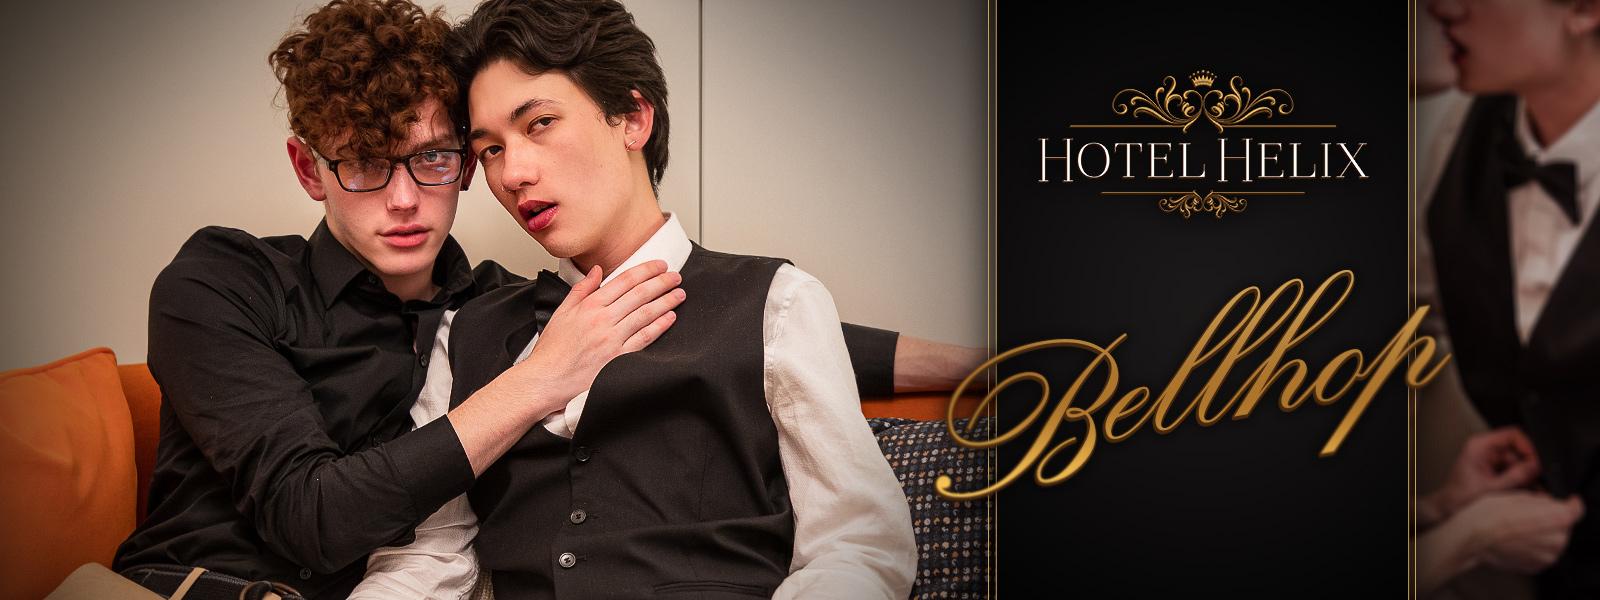 Hotel Helix: Bellhop